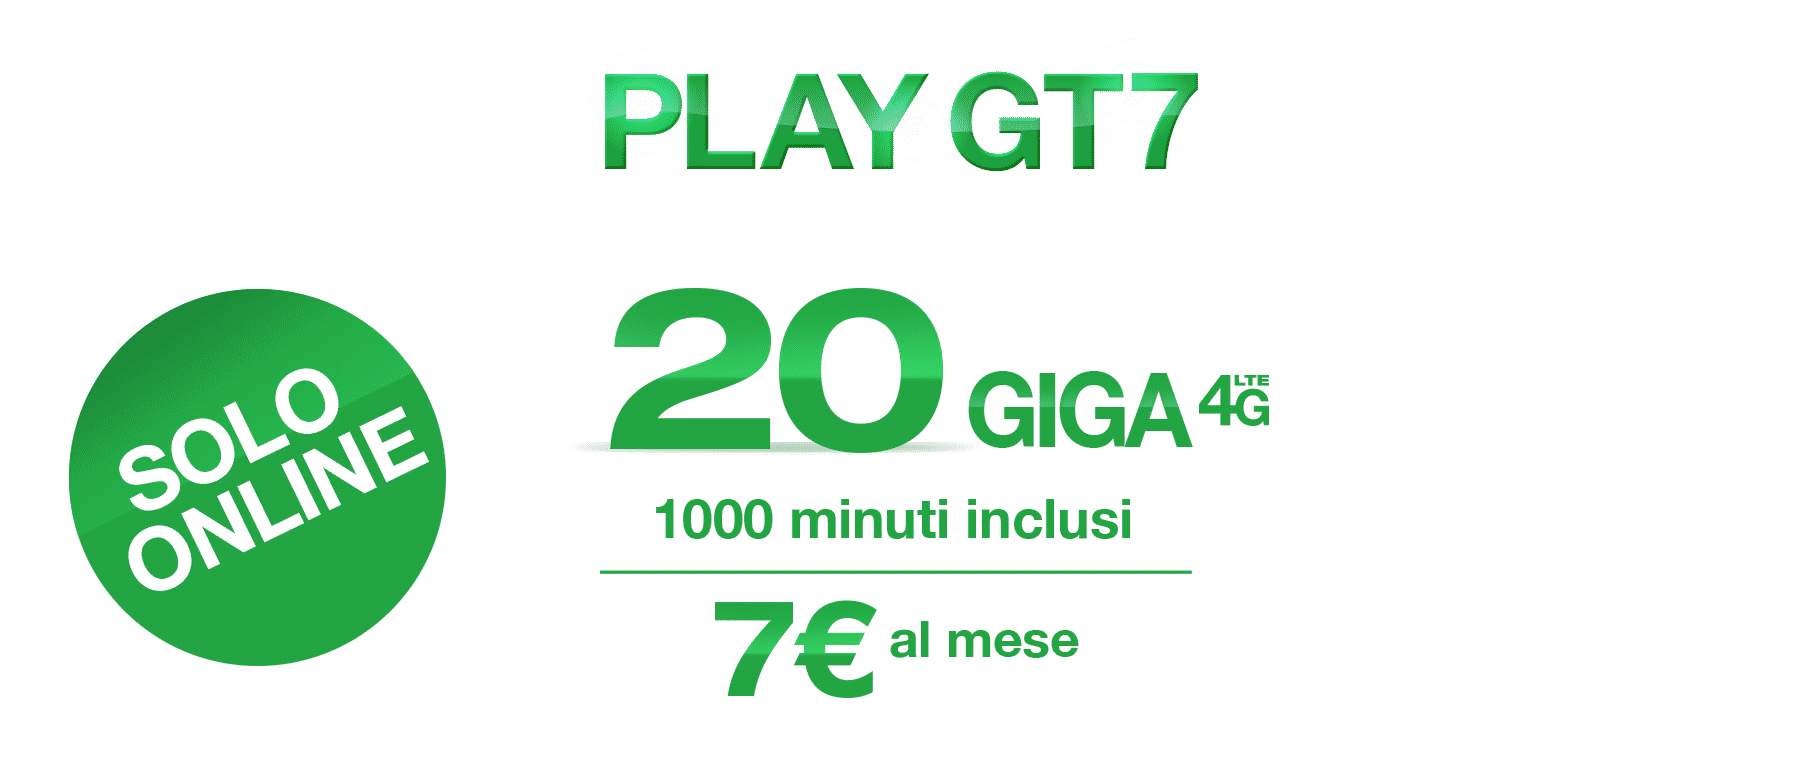 Tre PLAY GT7 una delle migliori offerte di Tre 1000 minuti e 20 GB